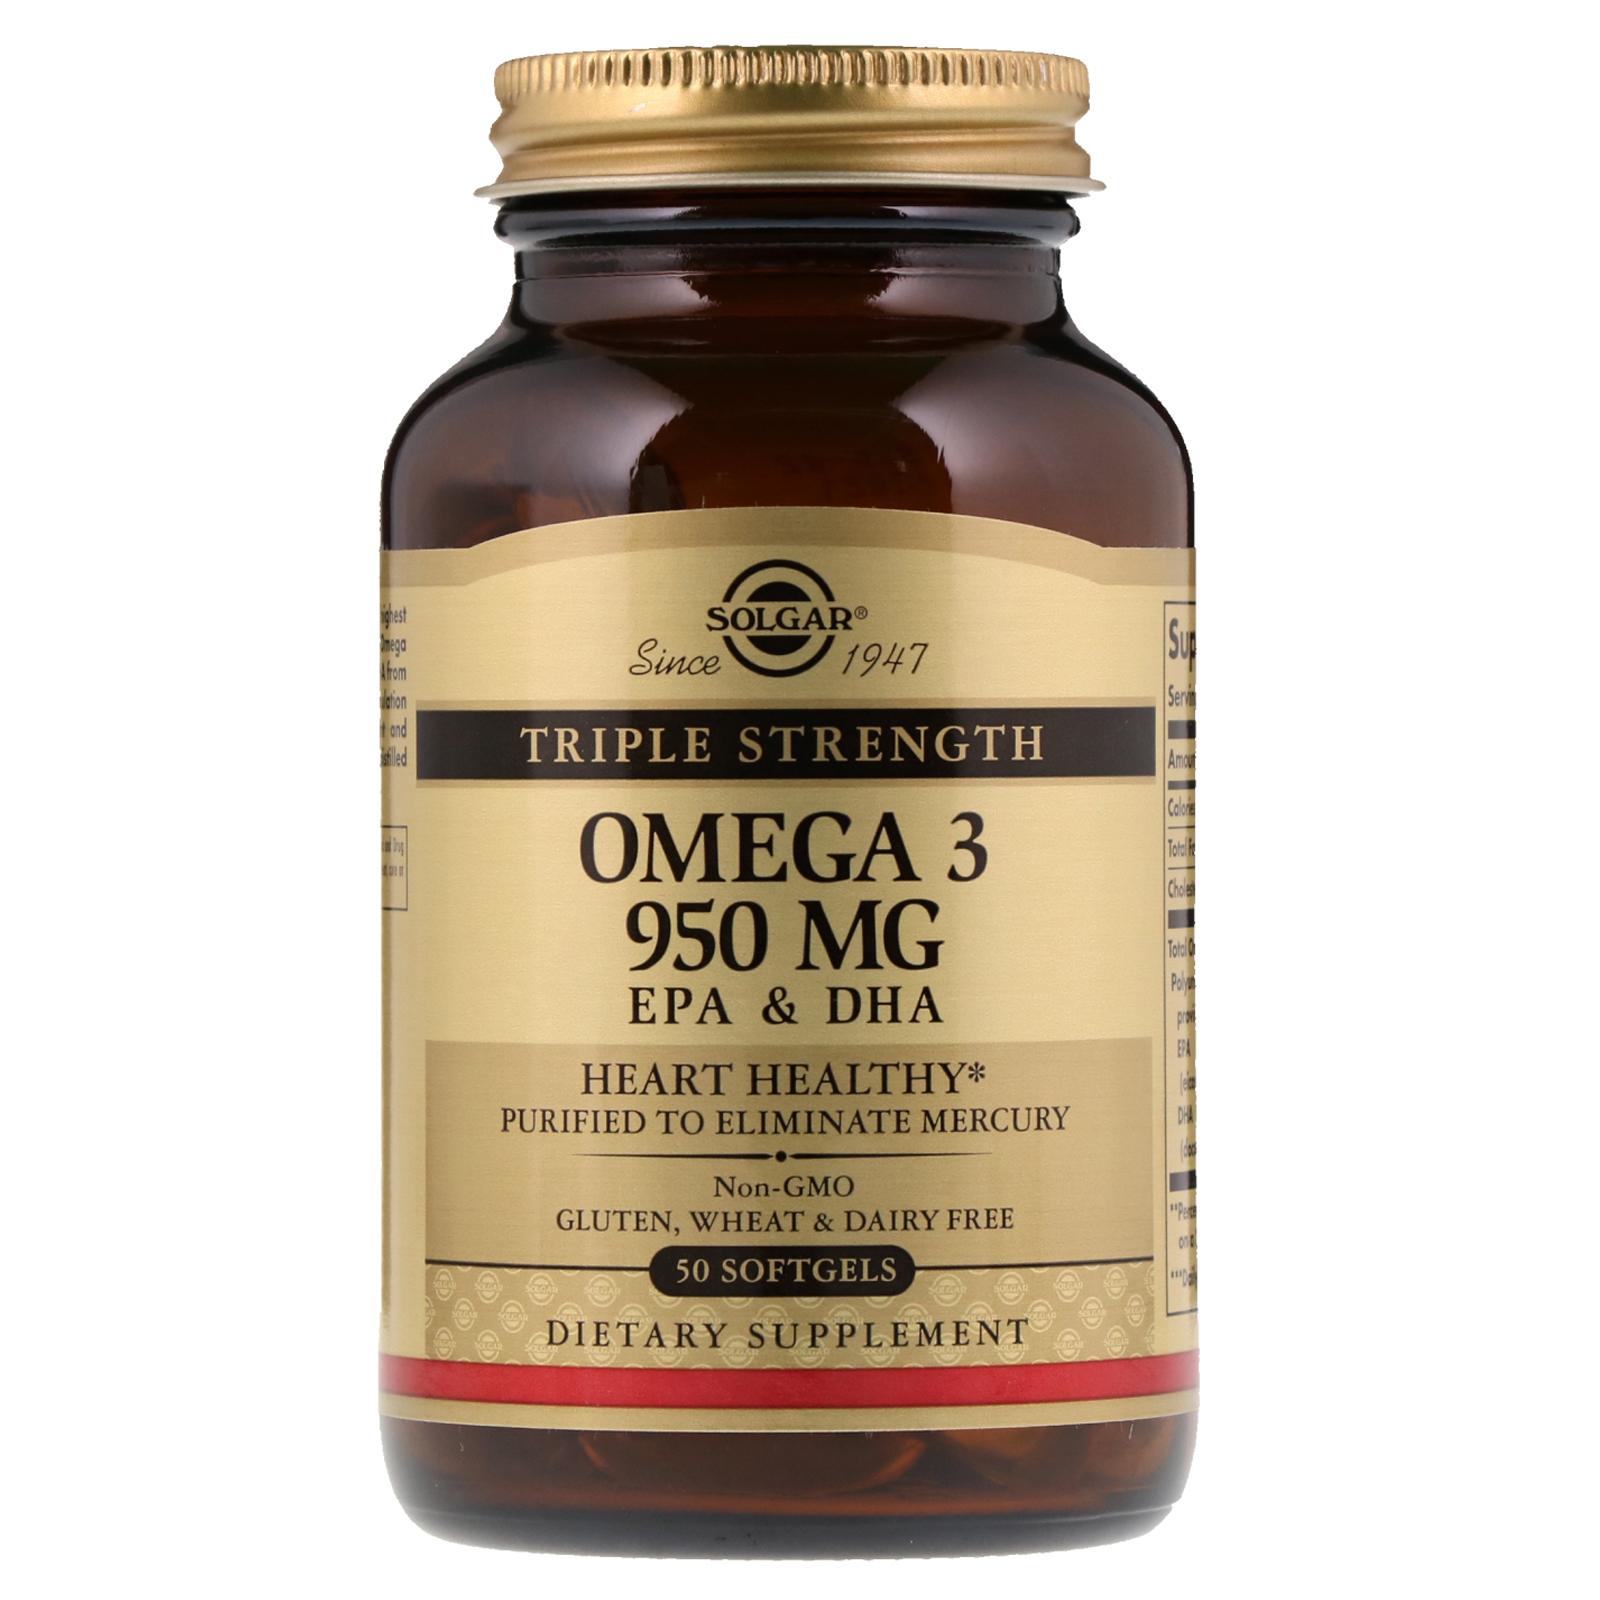 solgar omega 3 950 review